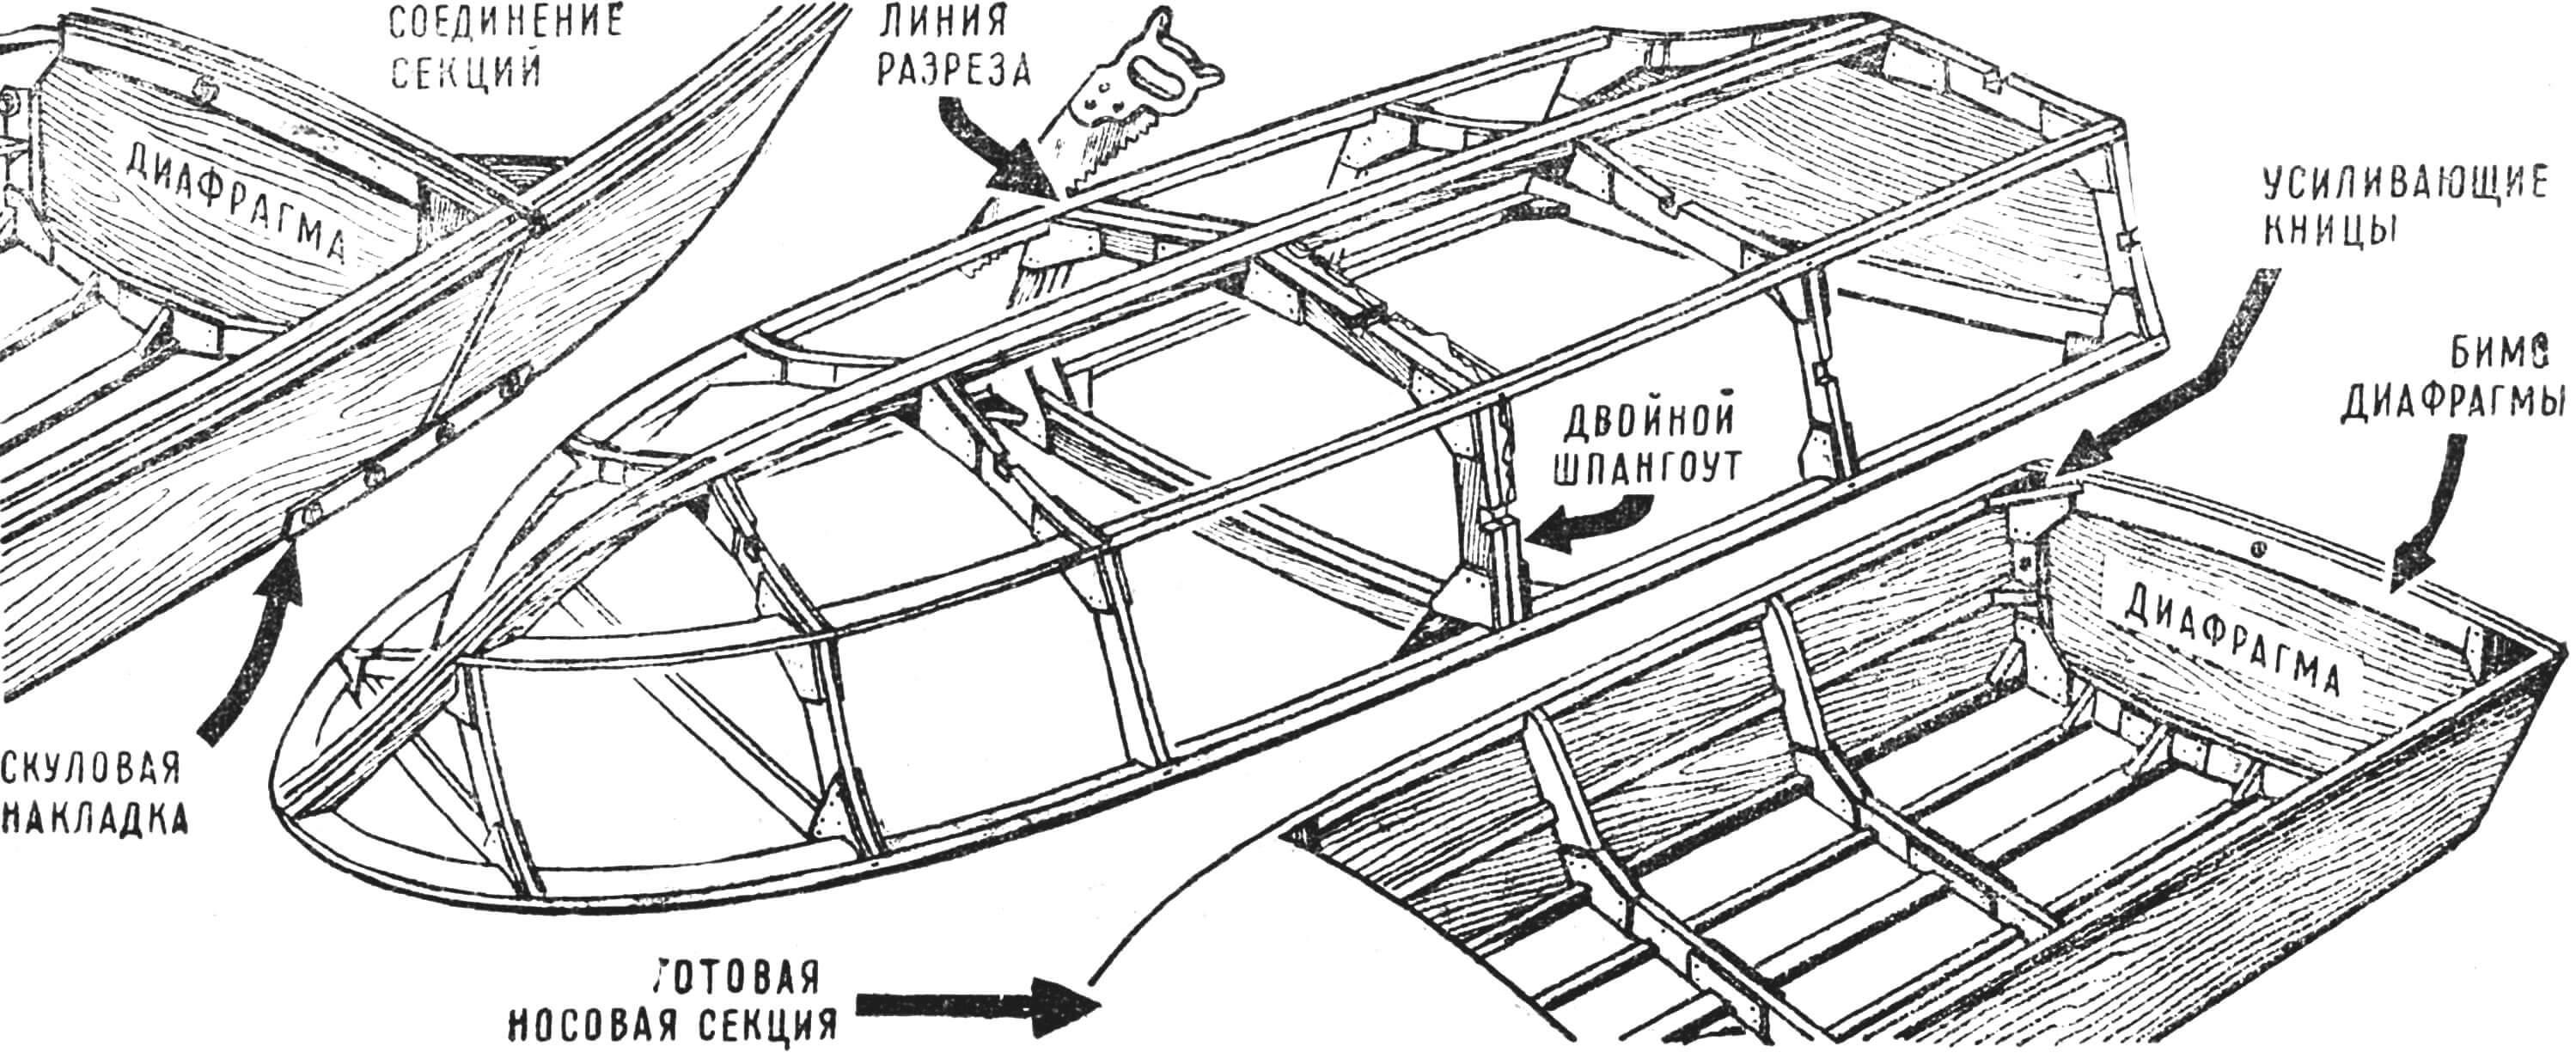 Рис. 3. Изготовление двухсекционной разборной мотолодки с деревянным каркасом и фанерной обшивкой.